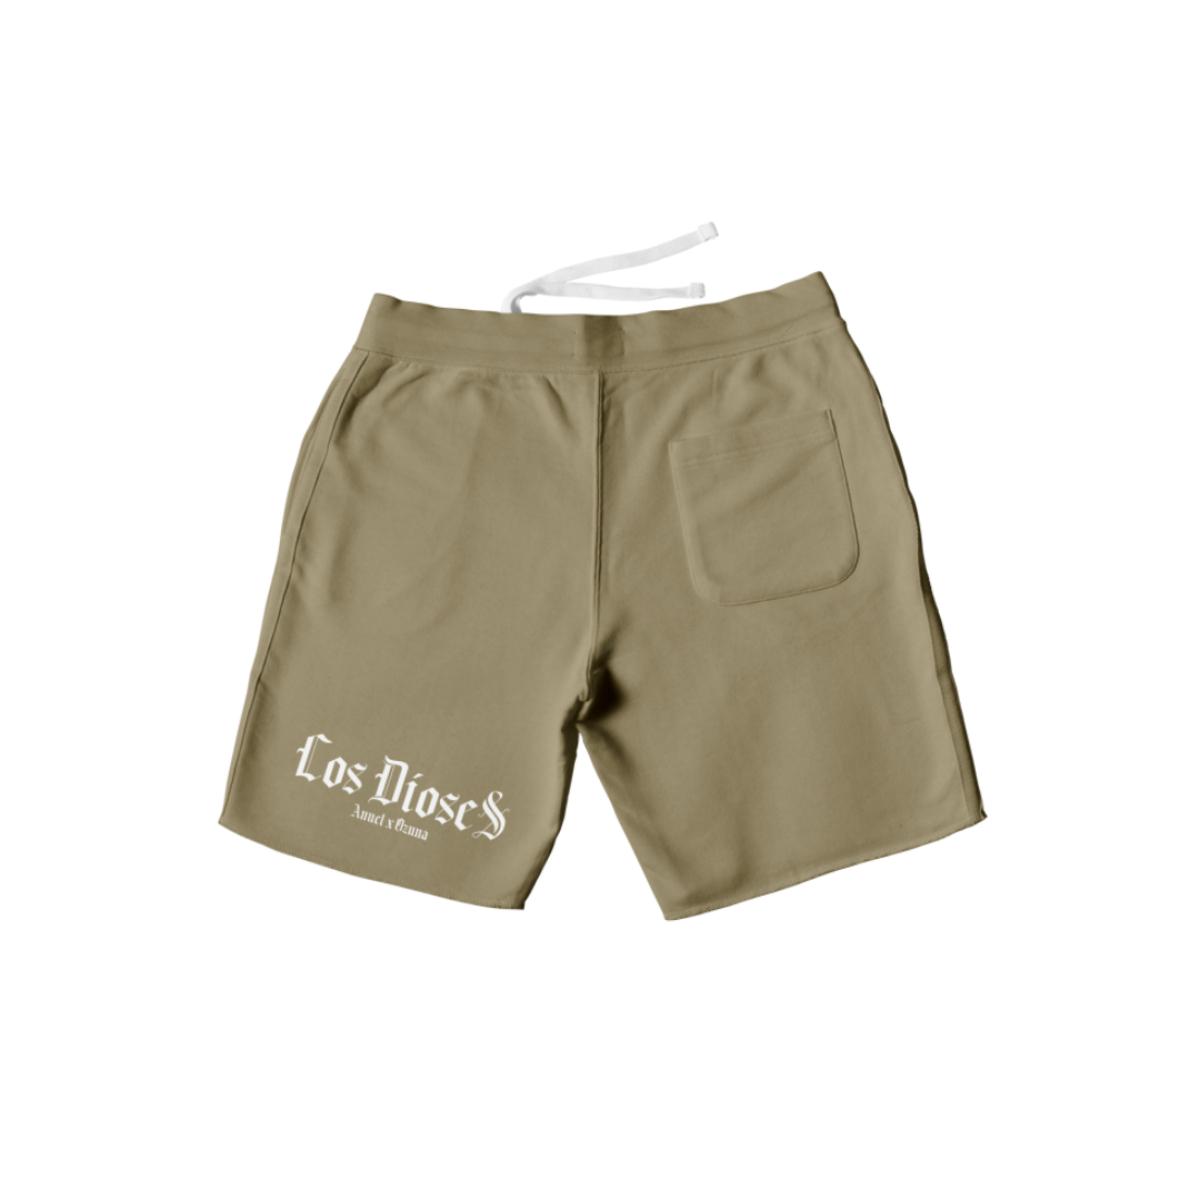 Los Dioses Pantalones Cortos Beige